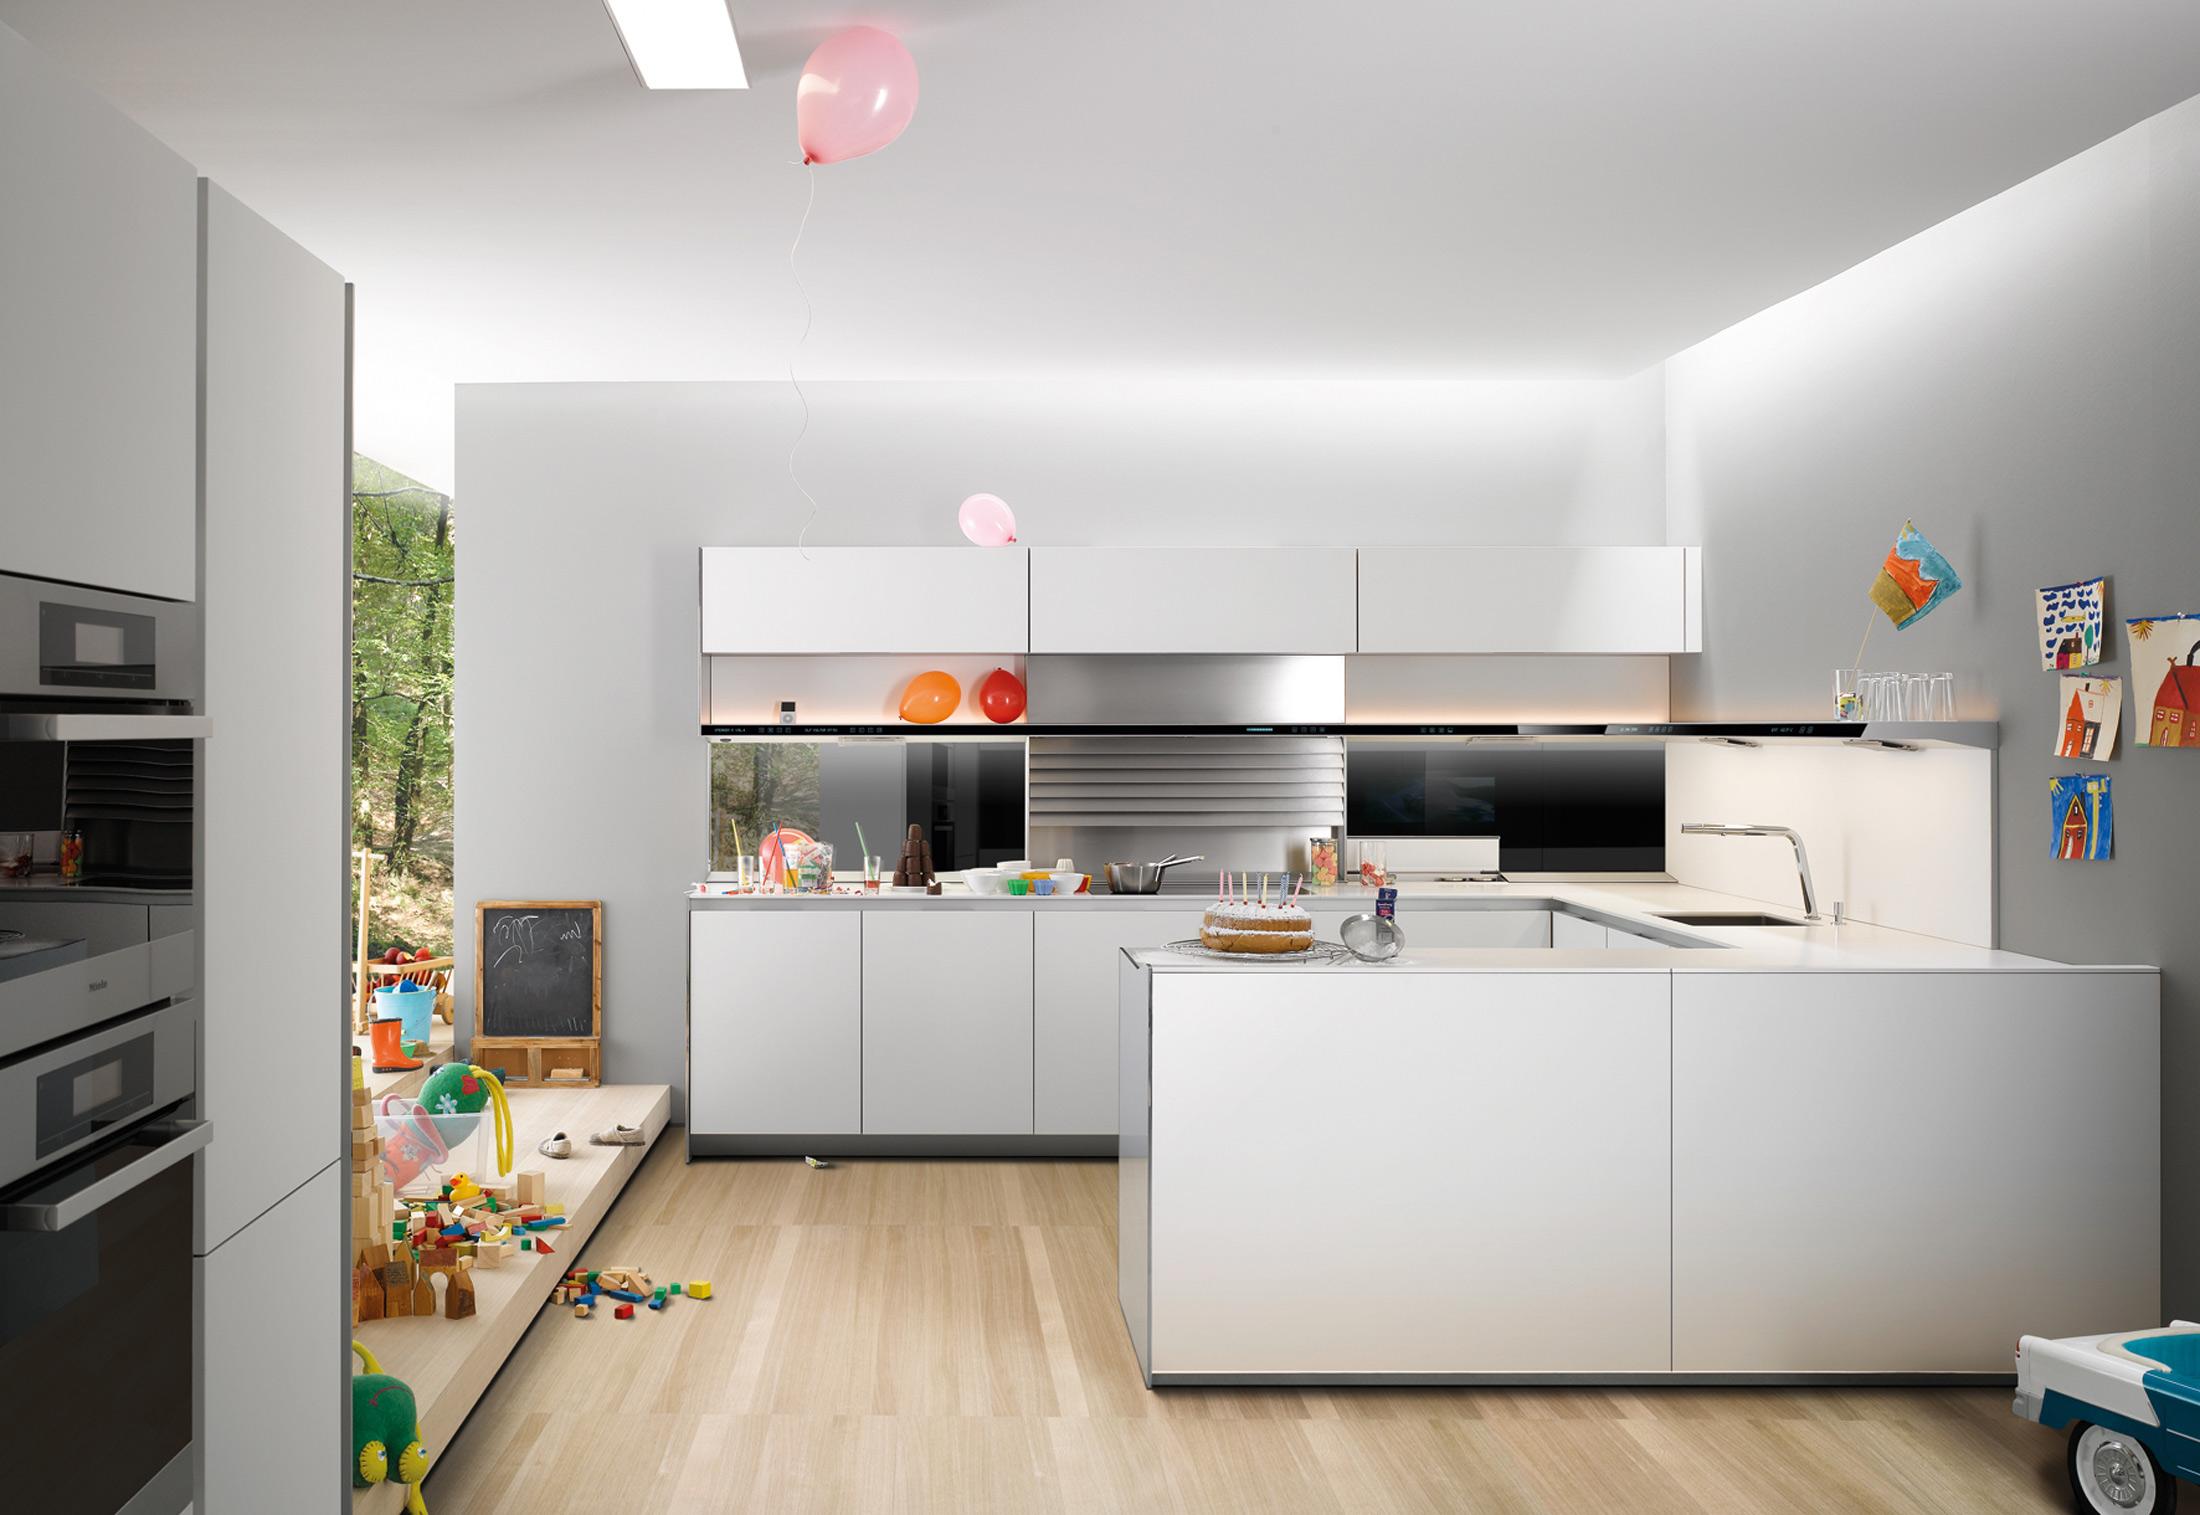 Küchen design siematic in wiesbaden